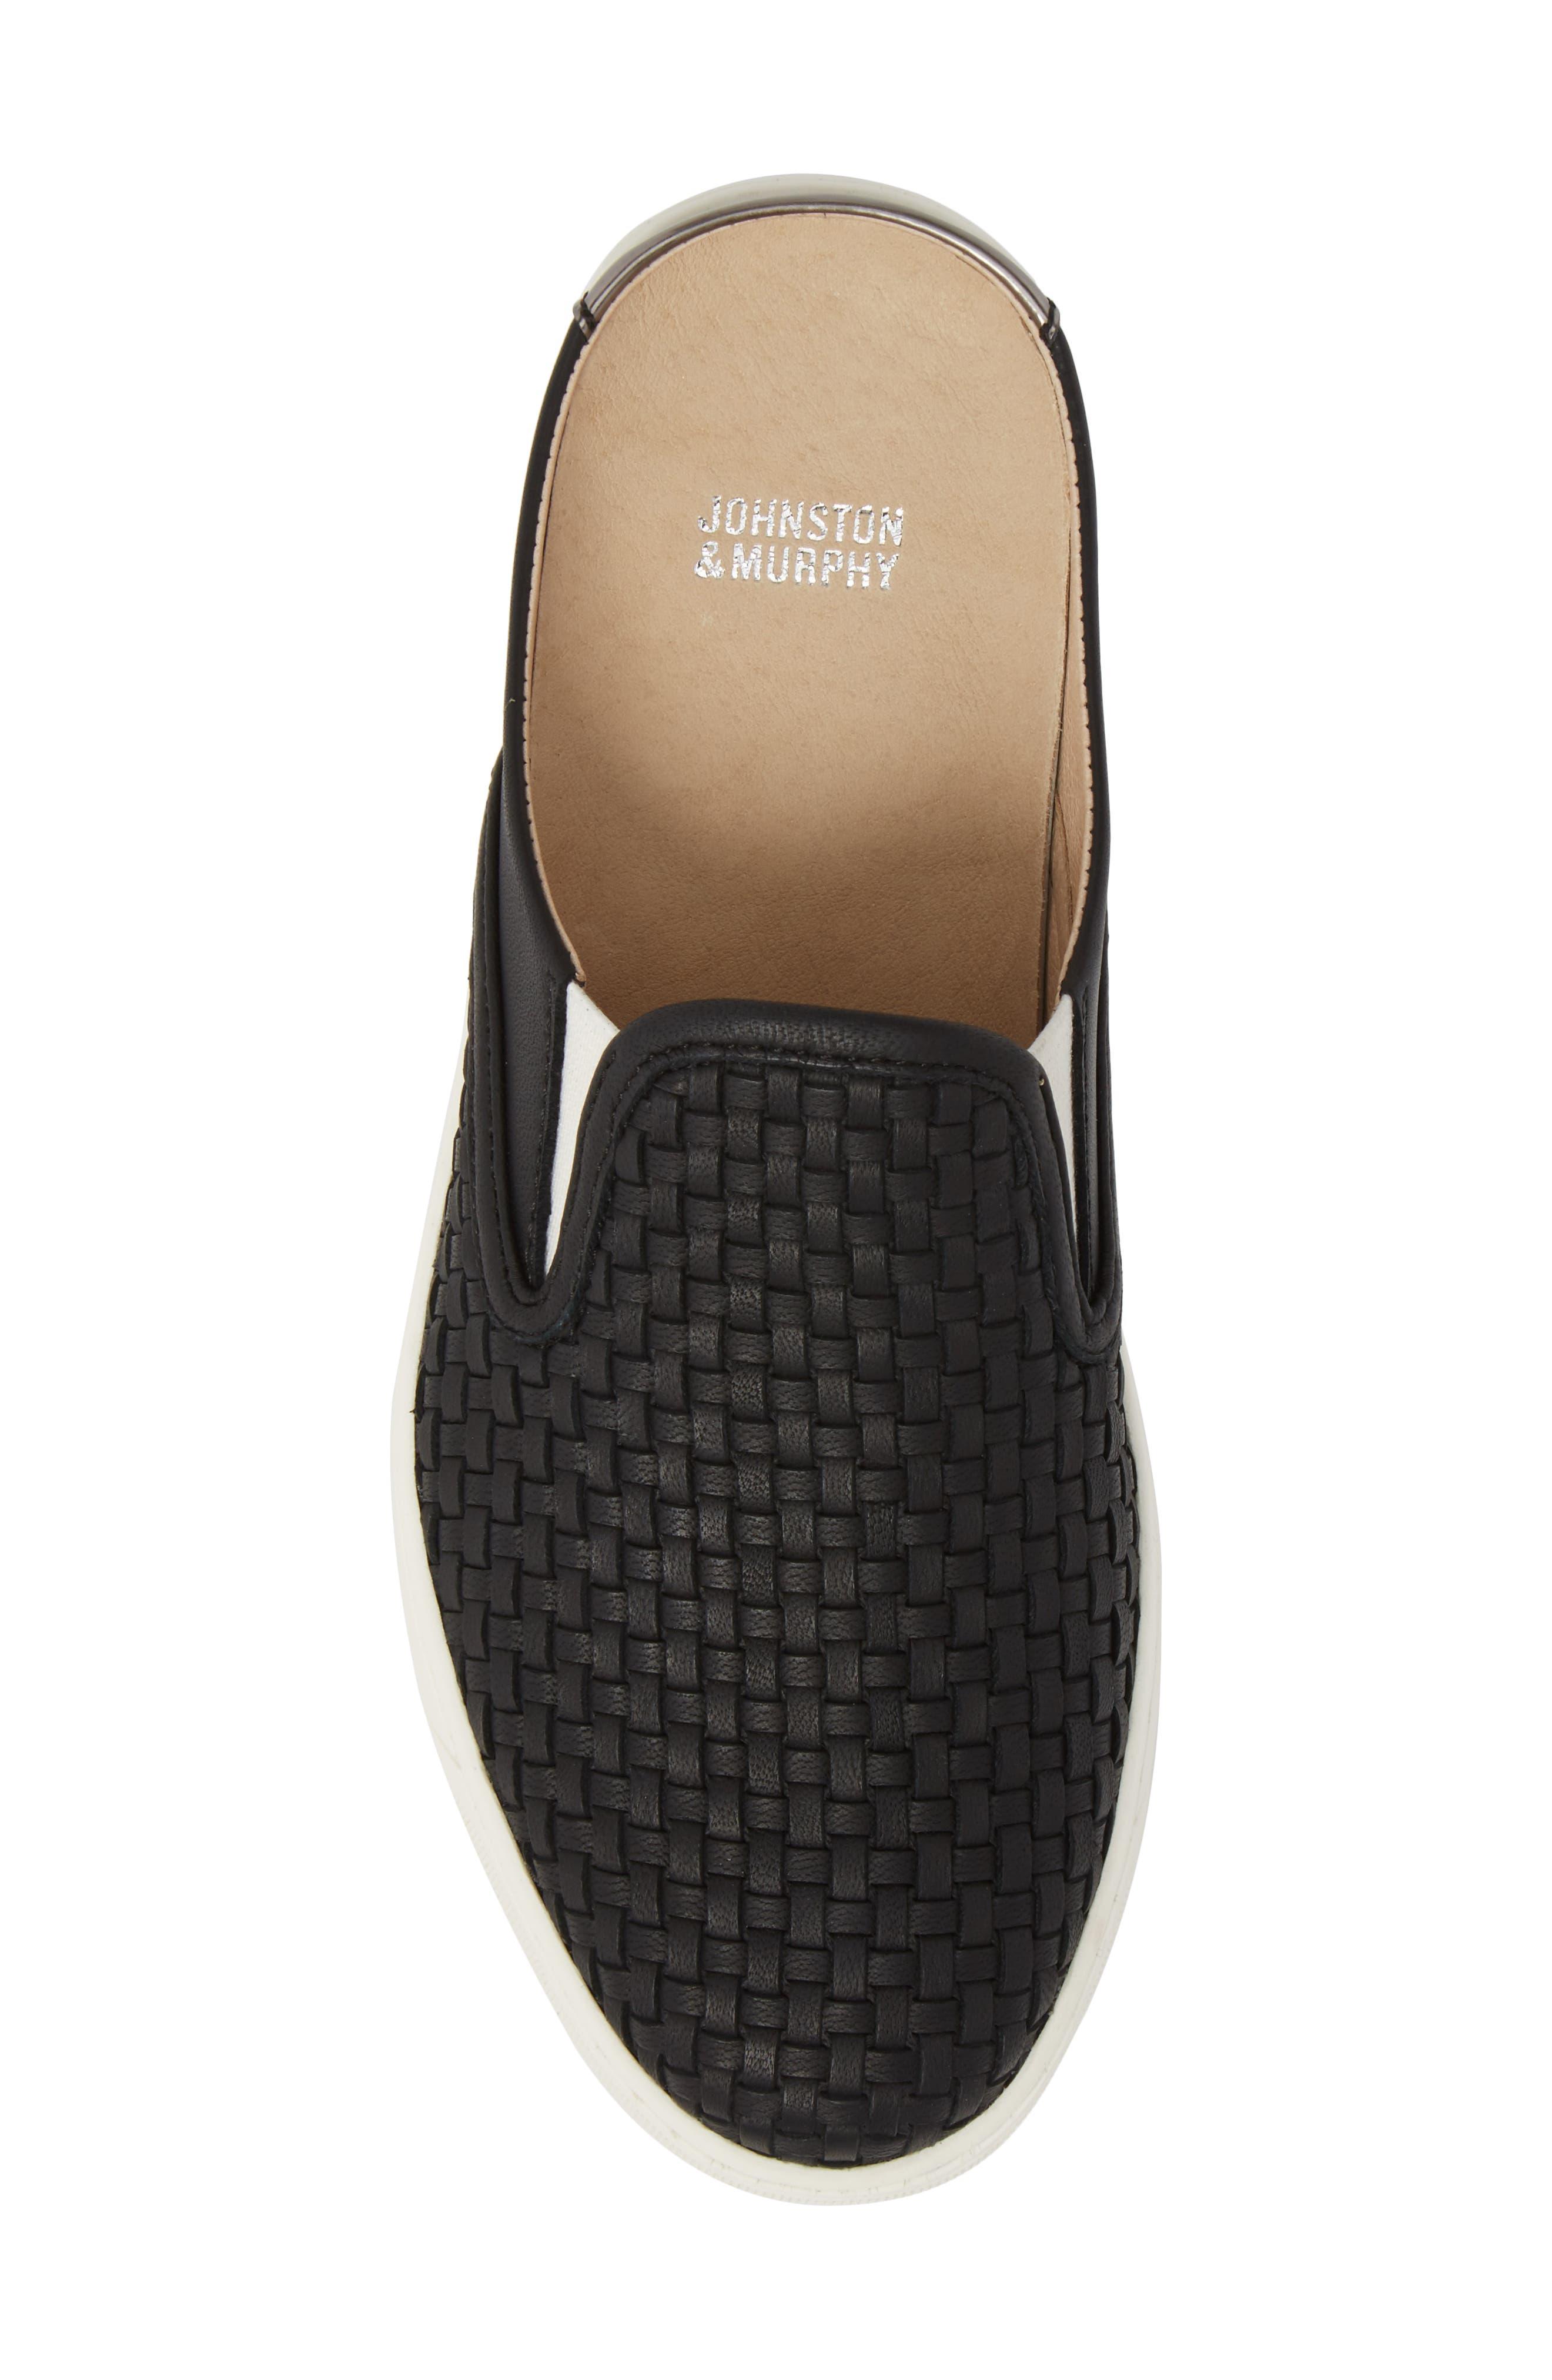 JOHNSTON & MURPHY, Evie Slip-On Sneaker, Alternate thumbnail 5, color, BLACK LEATHER